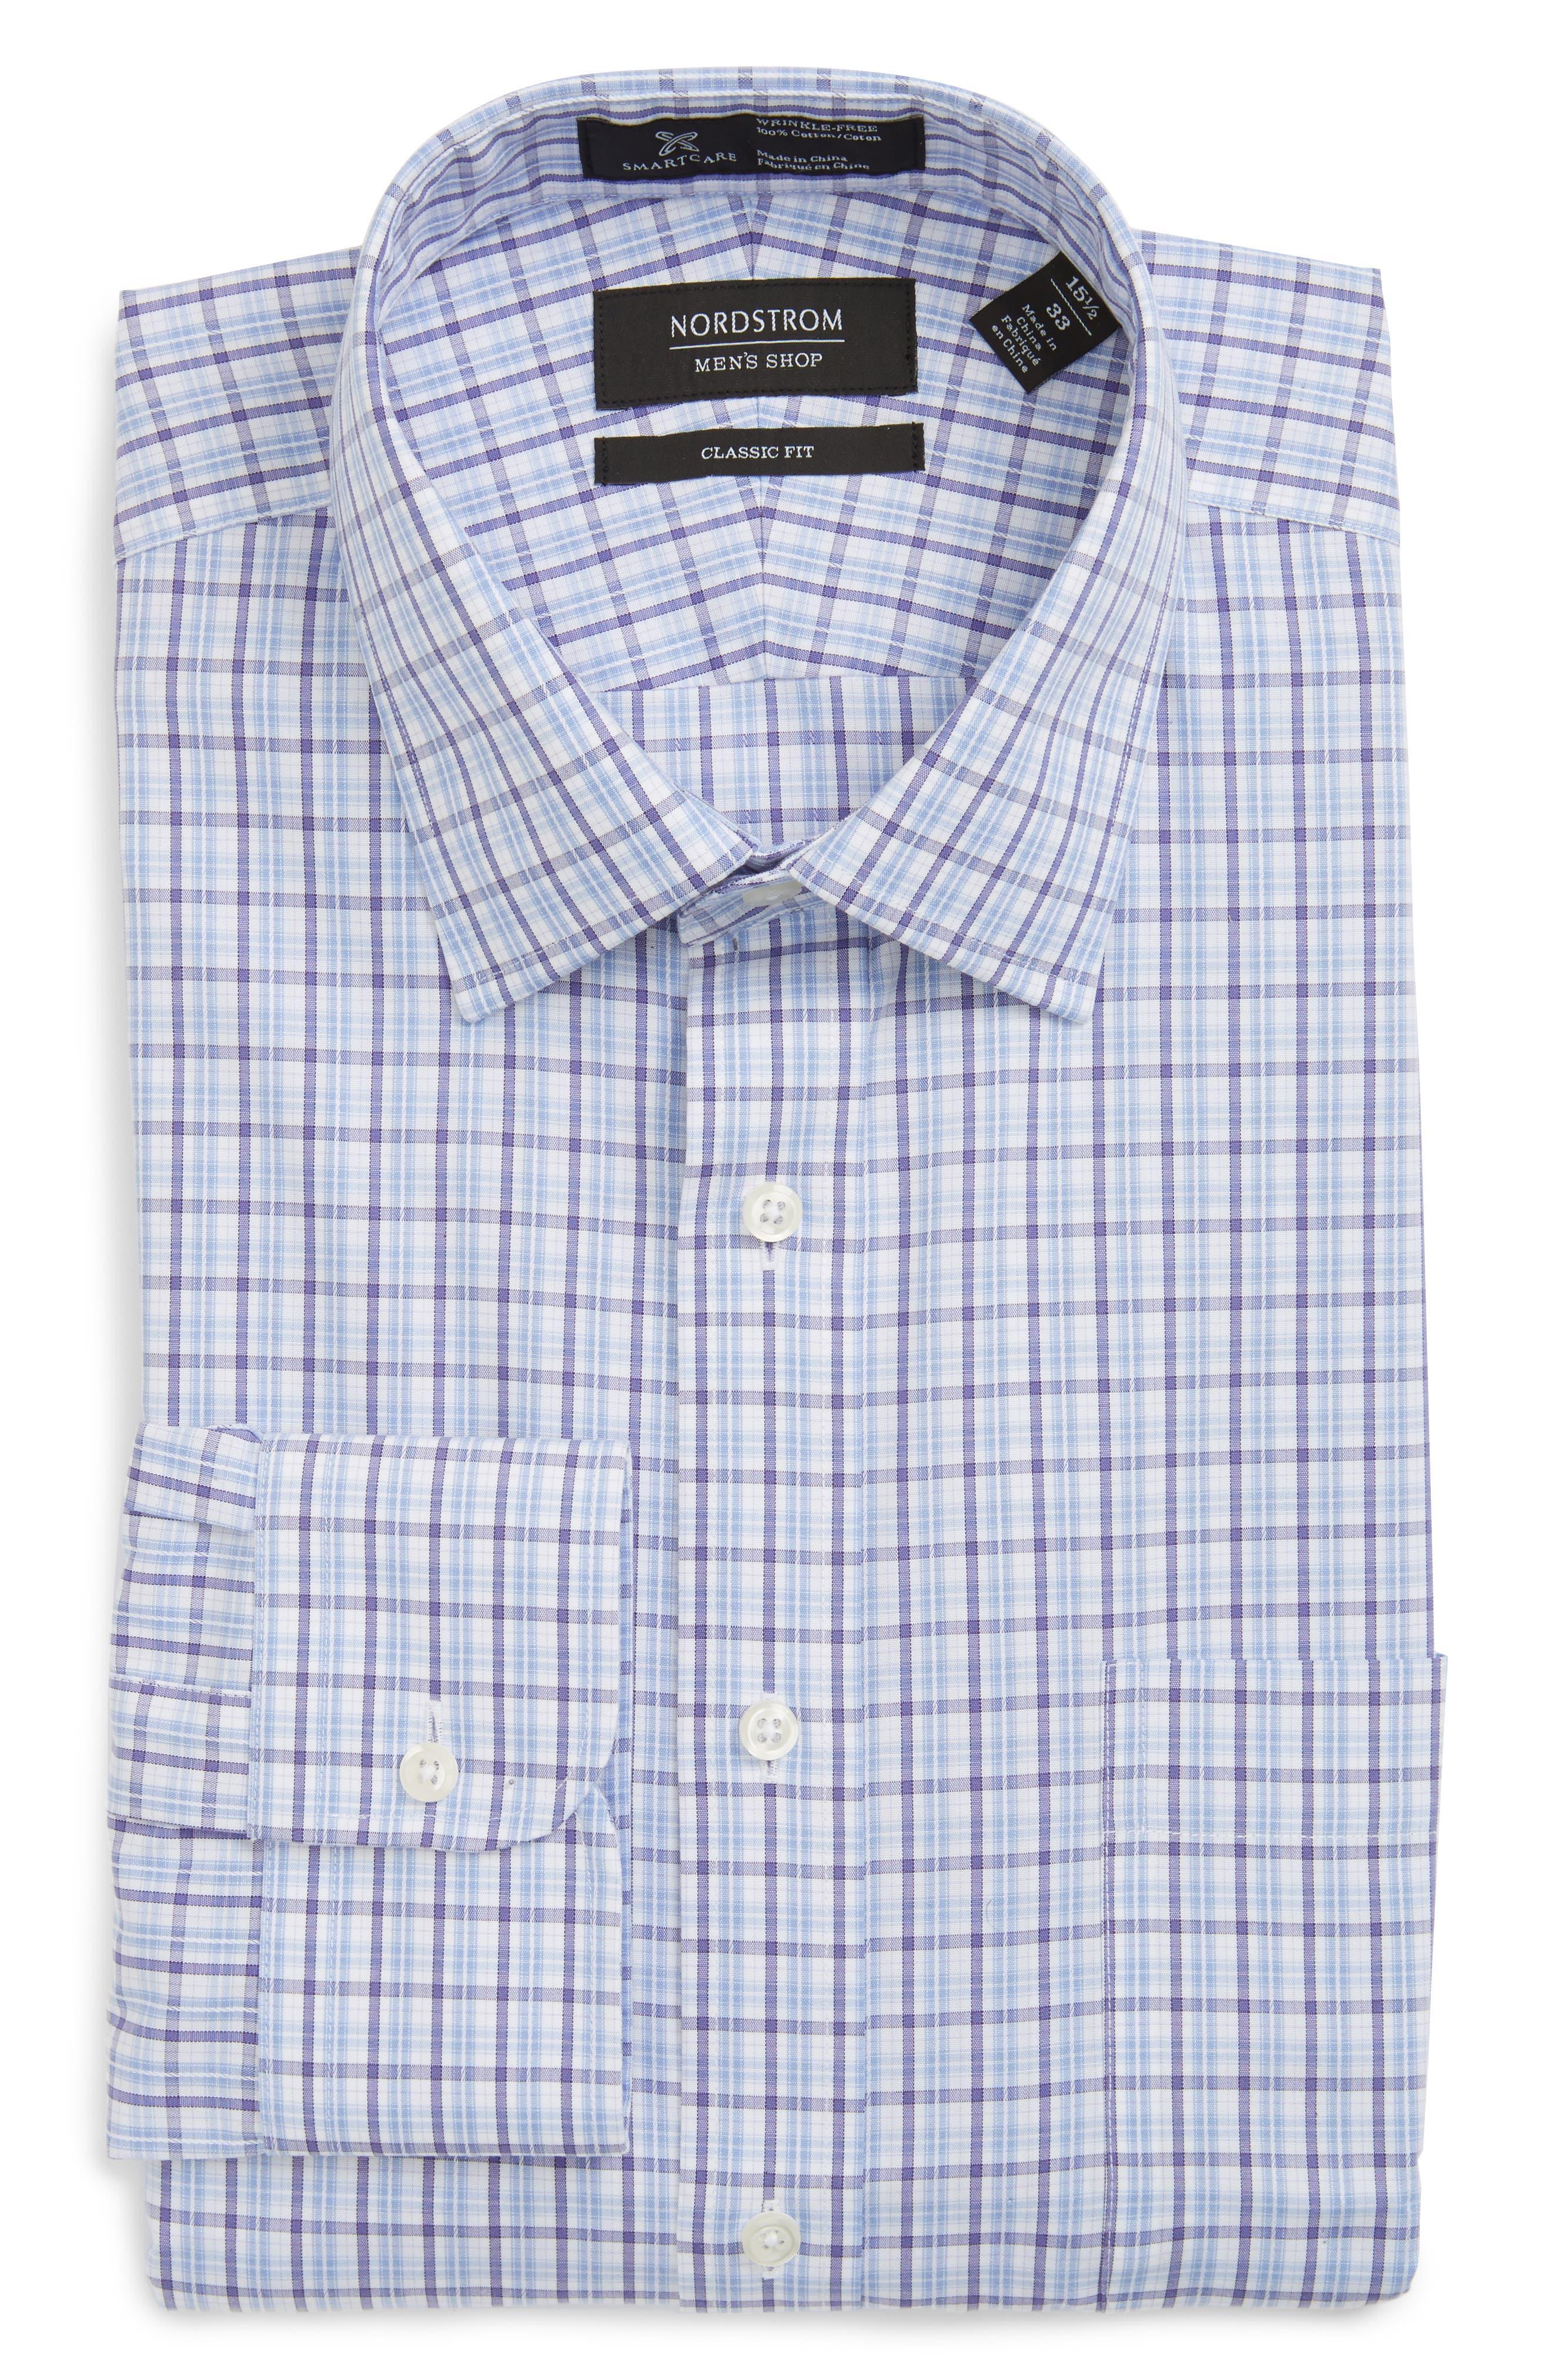 Nordstrom Men's Shop Smartcare™ Classic Fit Plaid Dress Shirt